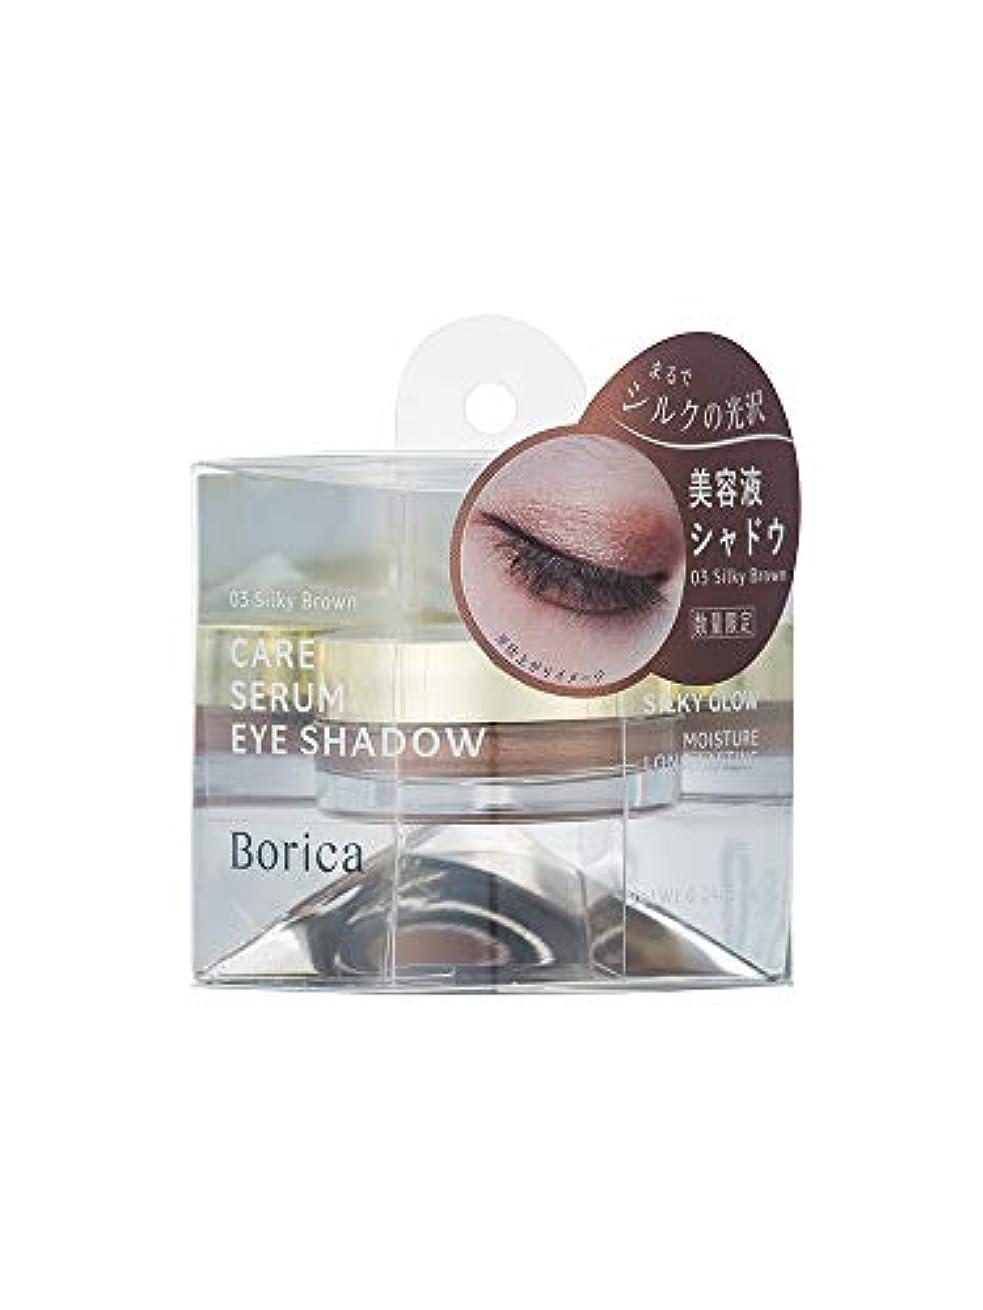 ヘルパー動的コーラスBorica 美容液ケアアイシャドウ<シルキーグロウ03(03 Silky Brown)